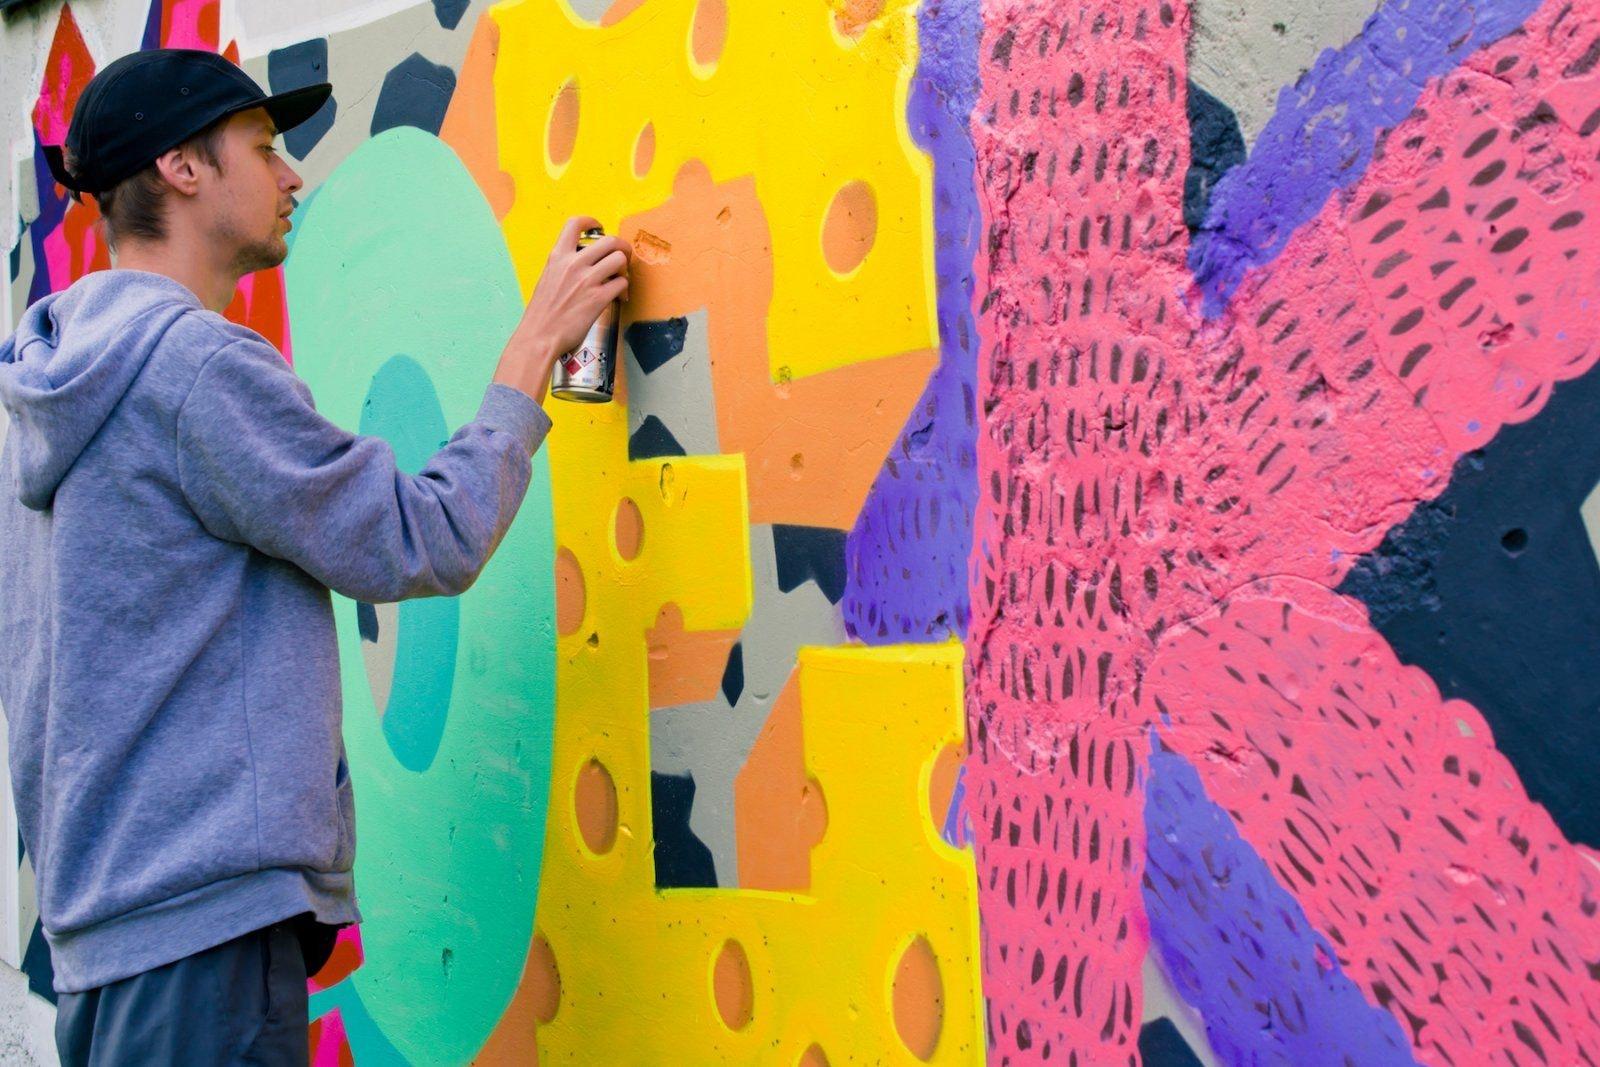 graffiti-workshop-2